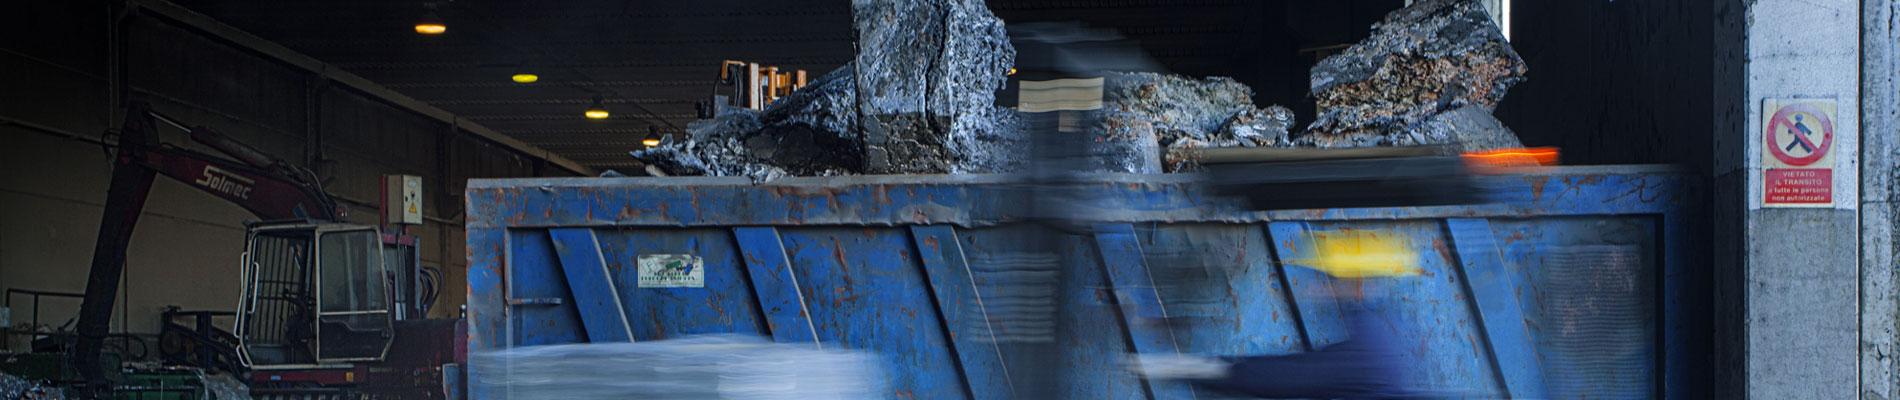 Materia prima - Fometal - Fonderia alluminio, leghe madri e affini